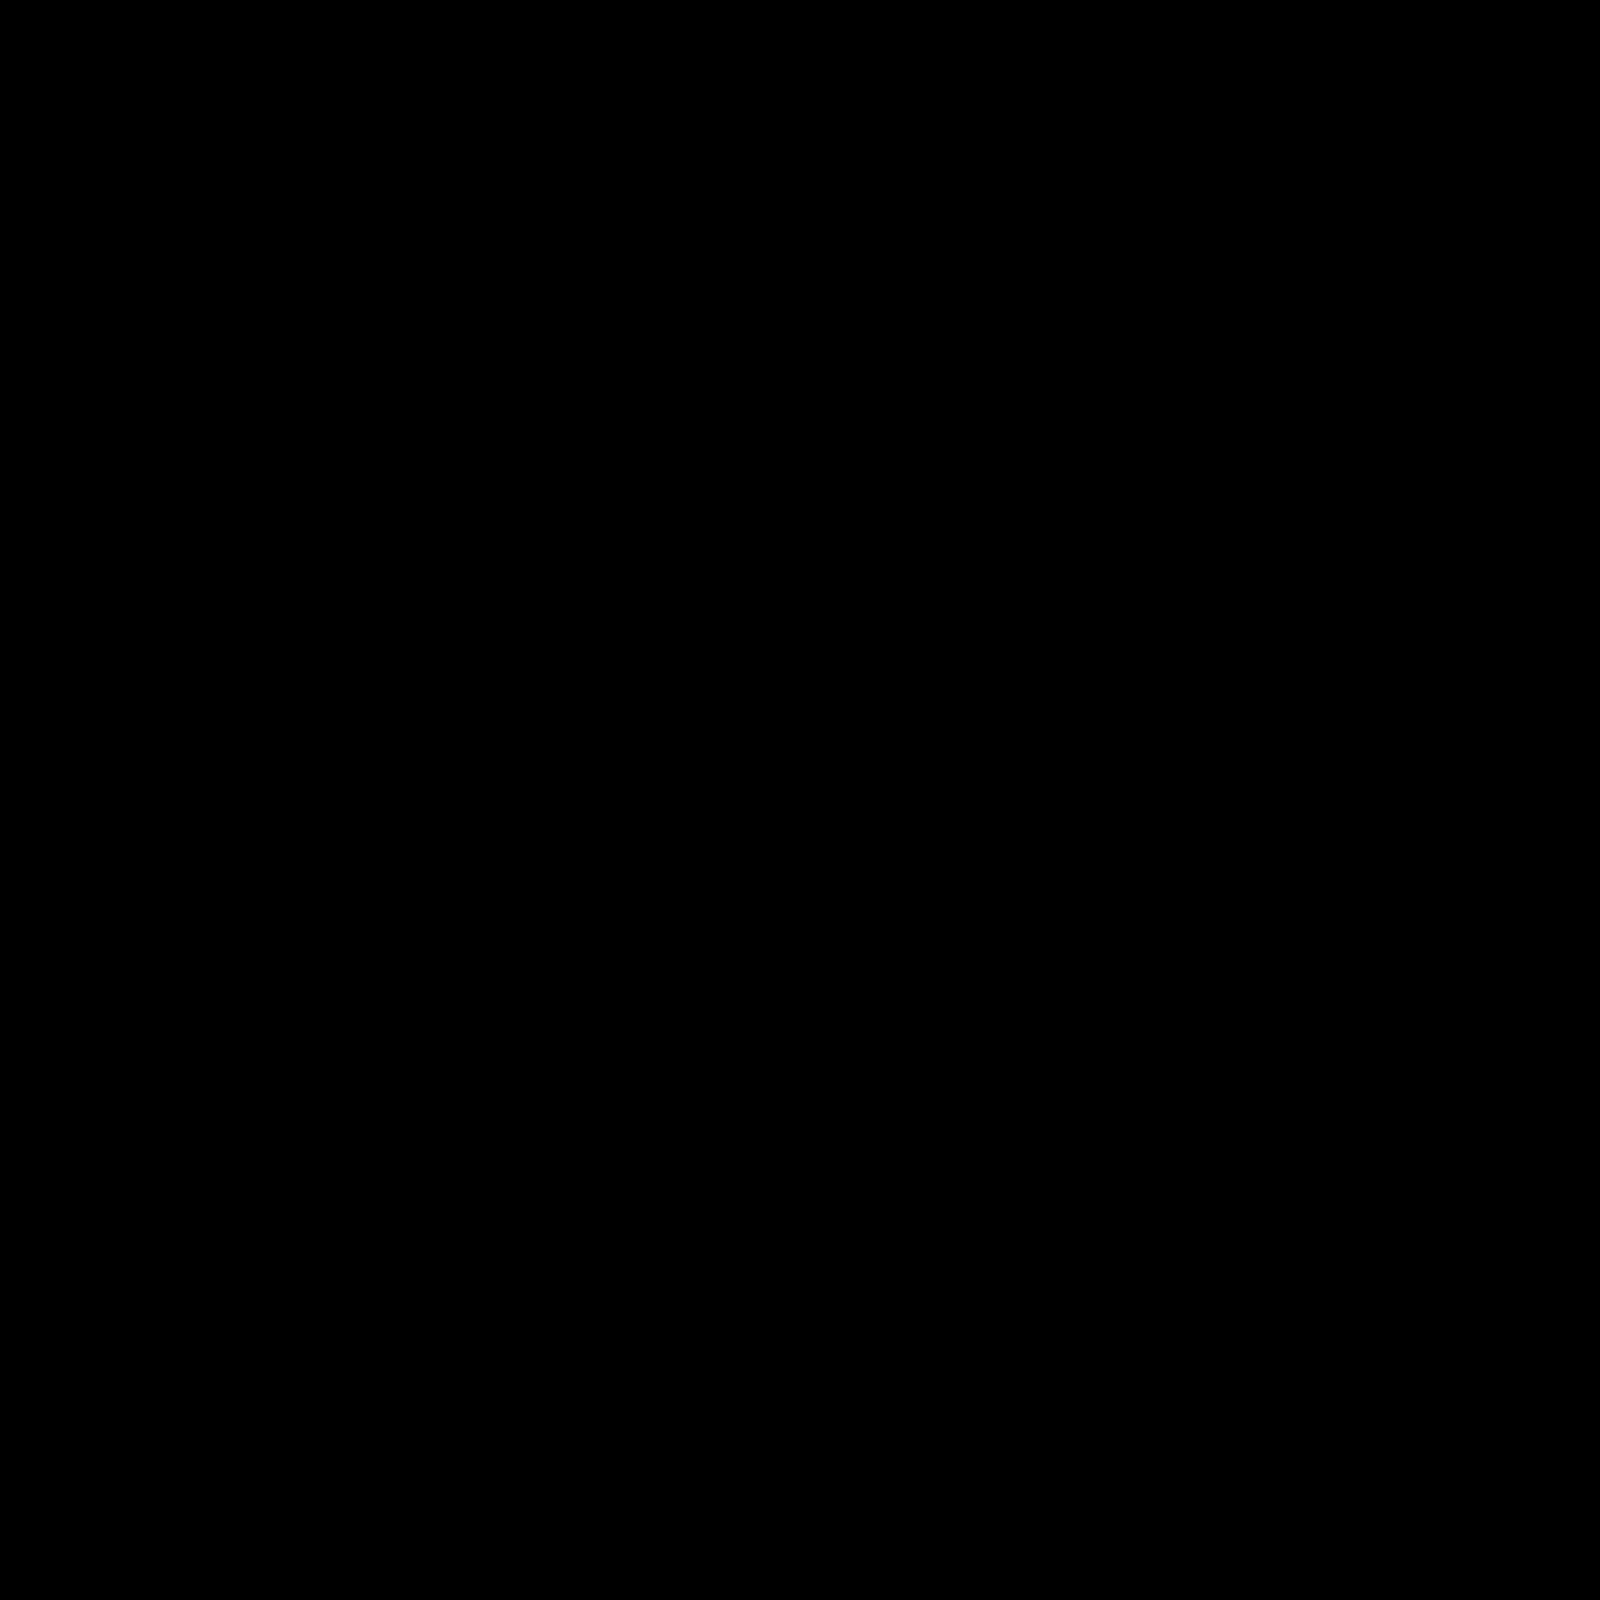 サウンド icon